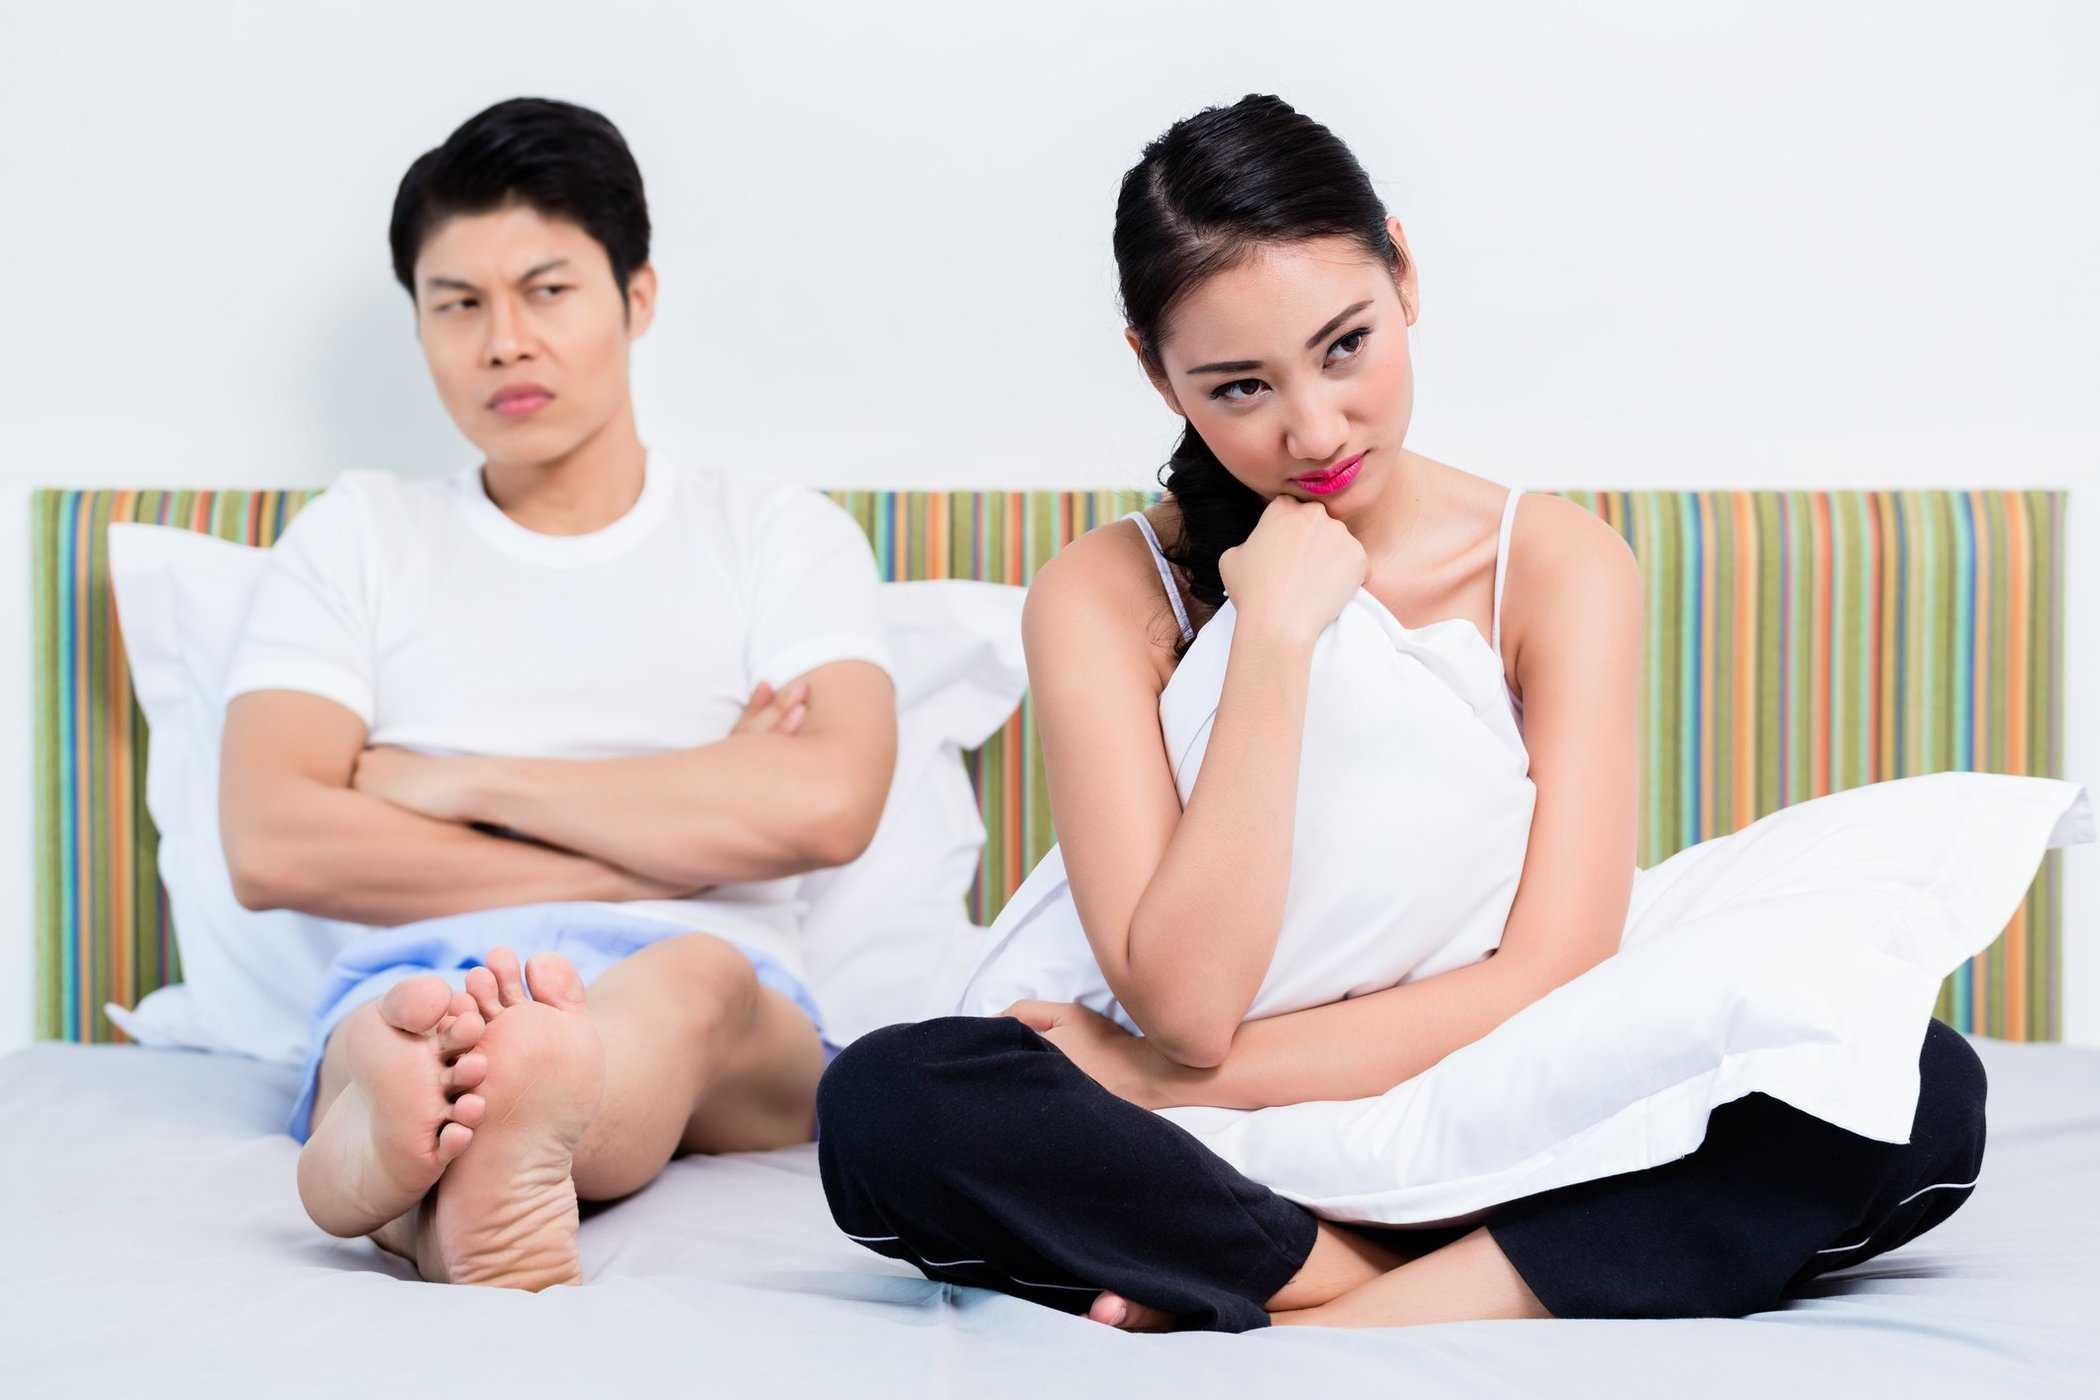 Không giả vờ chiều chồng sẽ khiến cả hai đều trở nên mệt mỏi